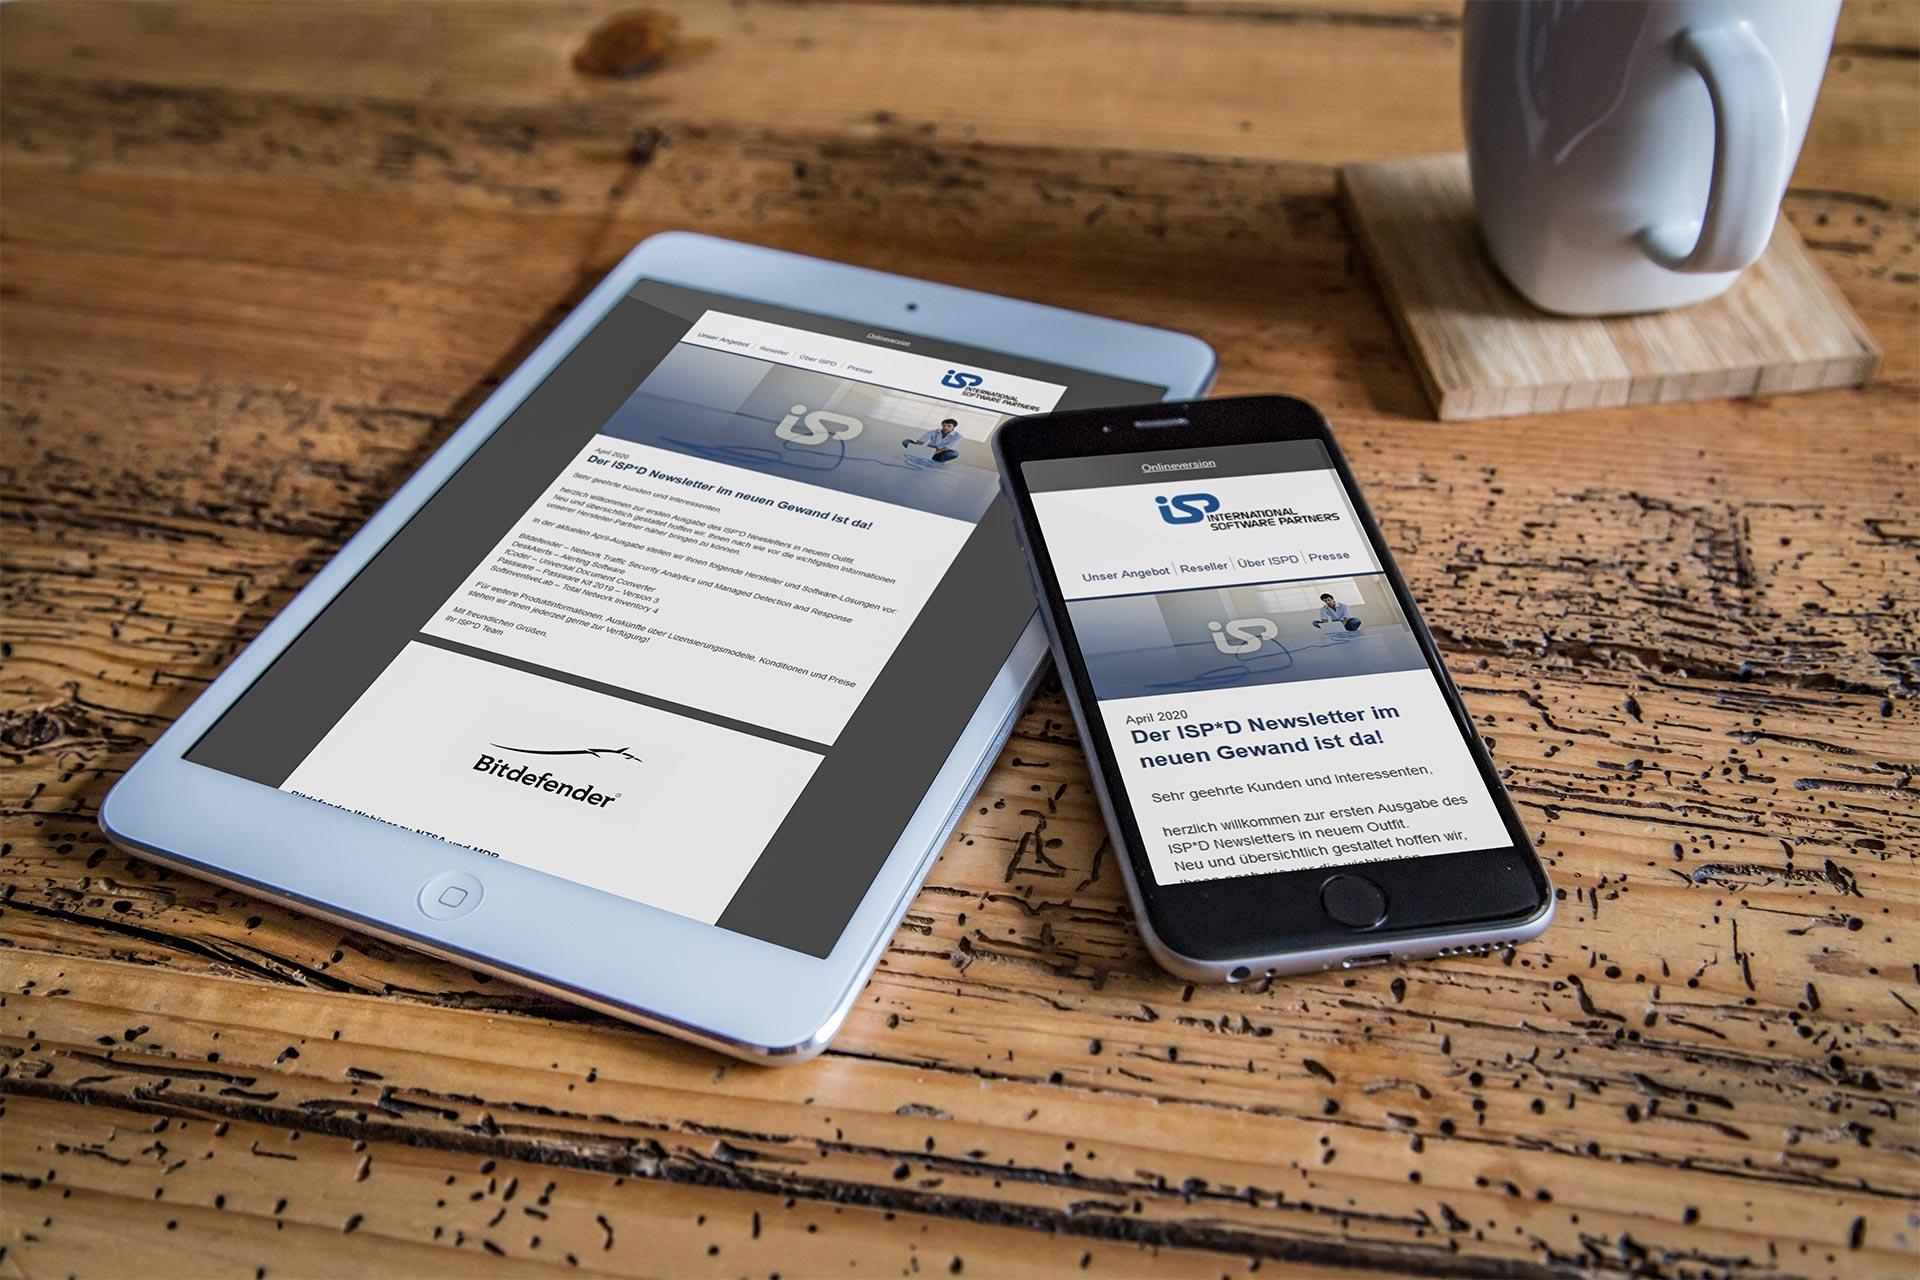 Mockup Tablet Handy